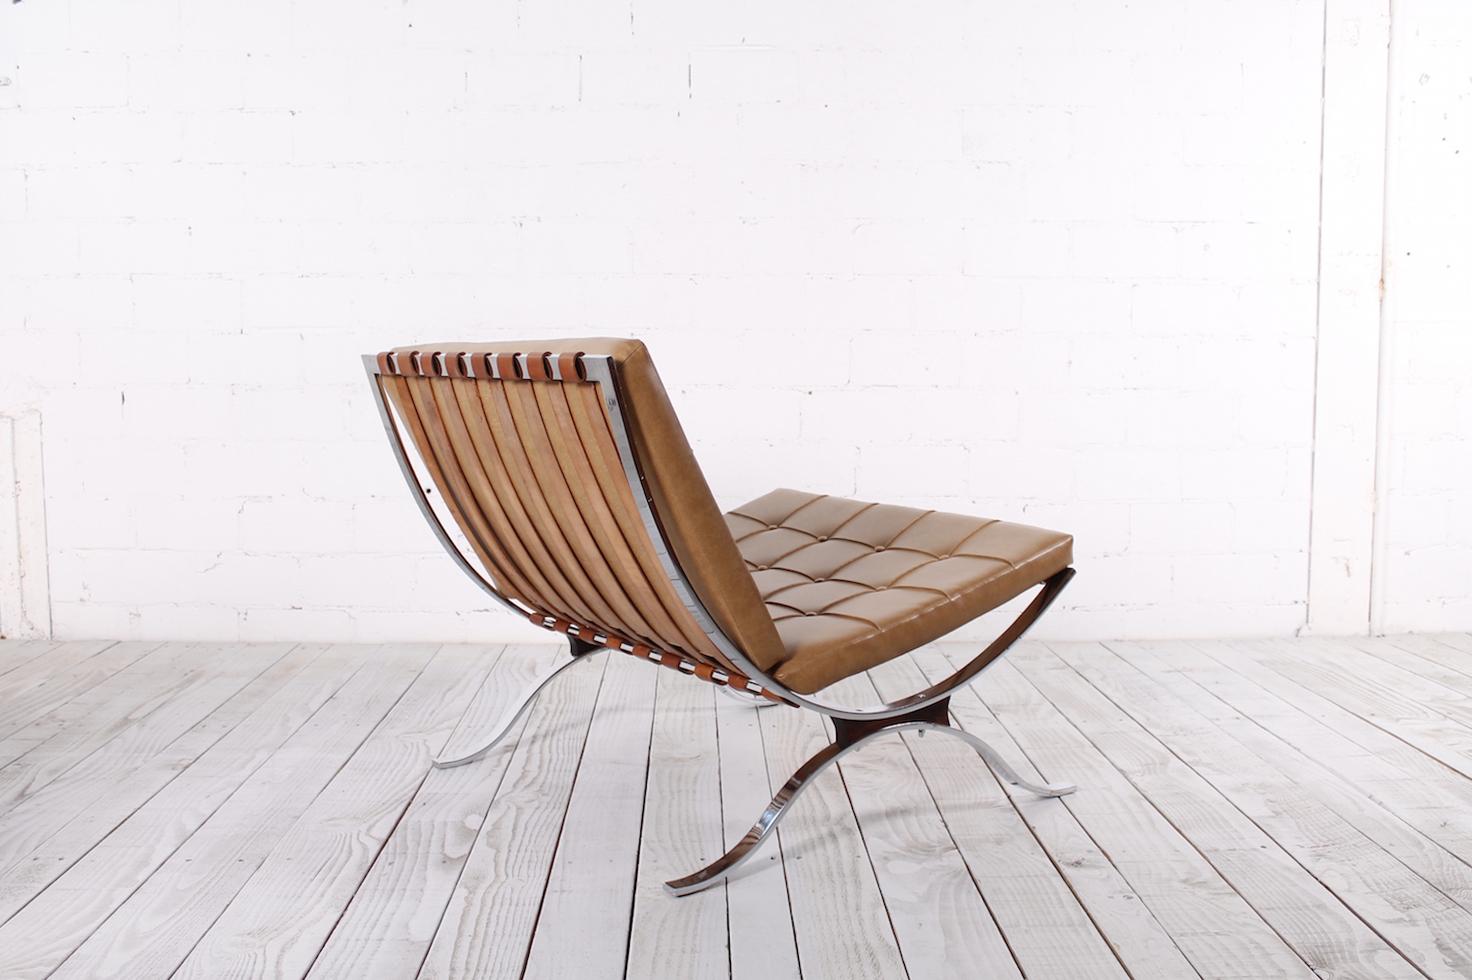 Vintage Flachstahl Sessel Im Stil Des Barcelona Chair